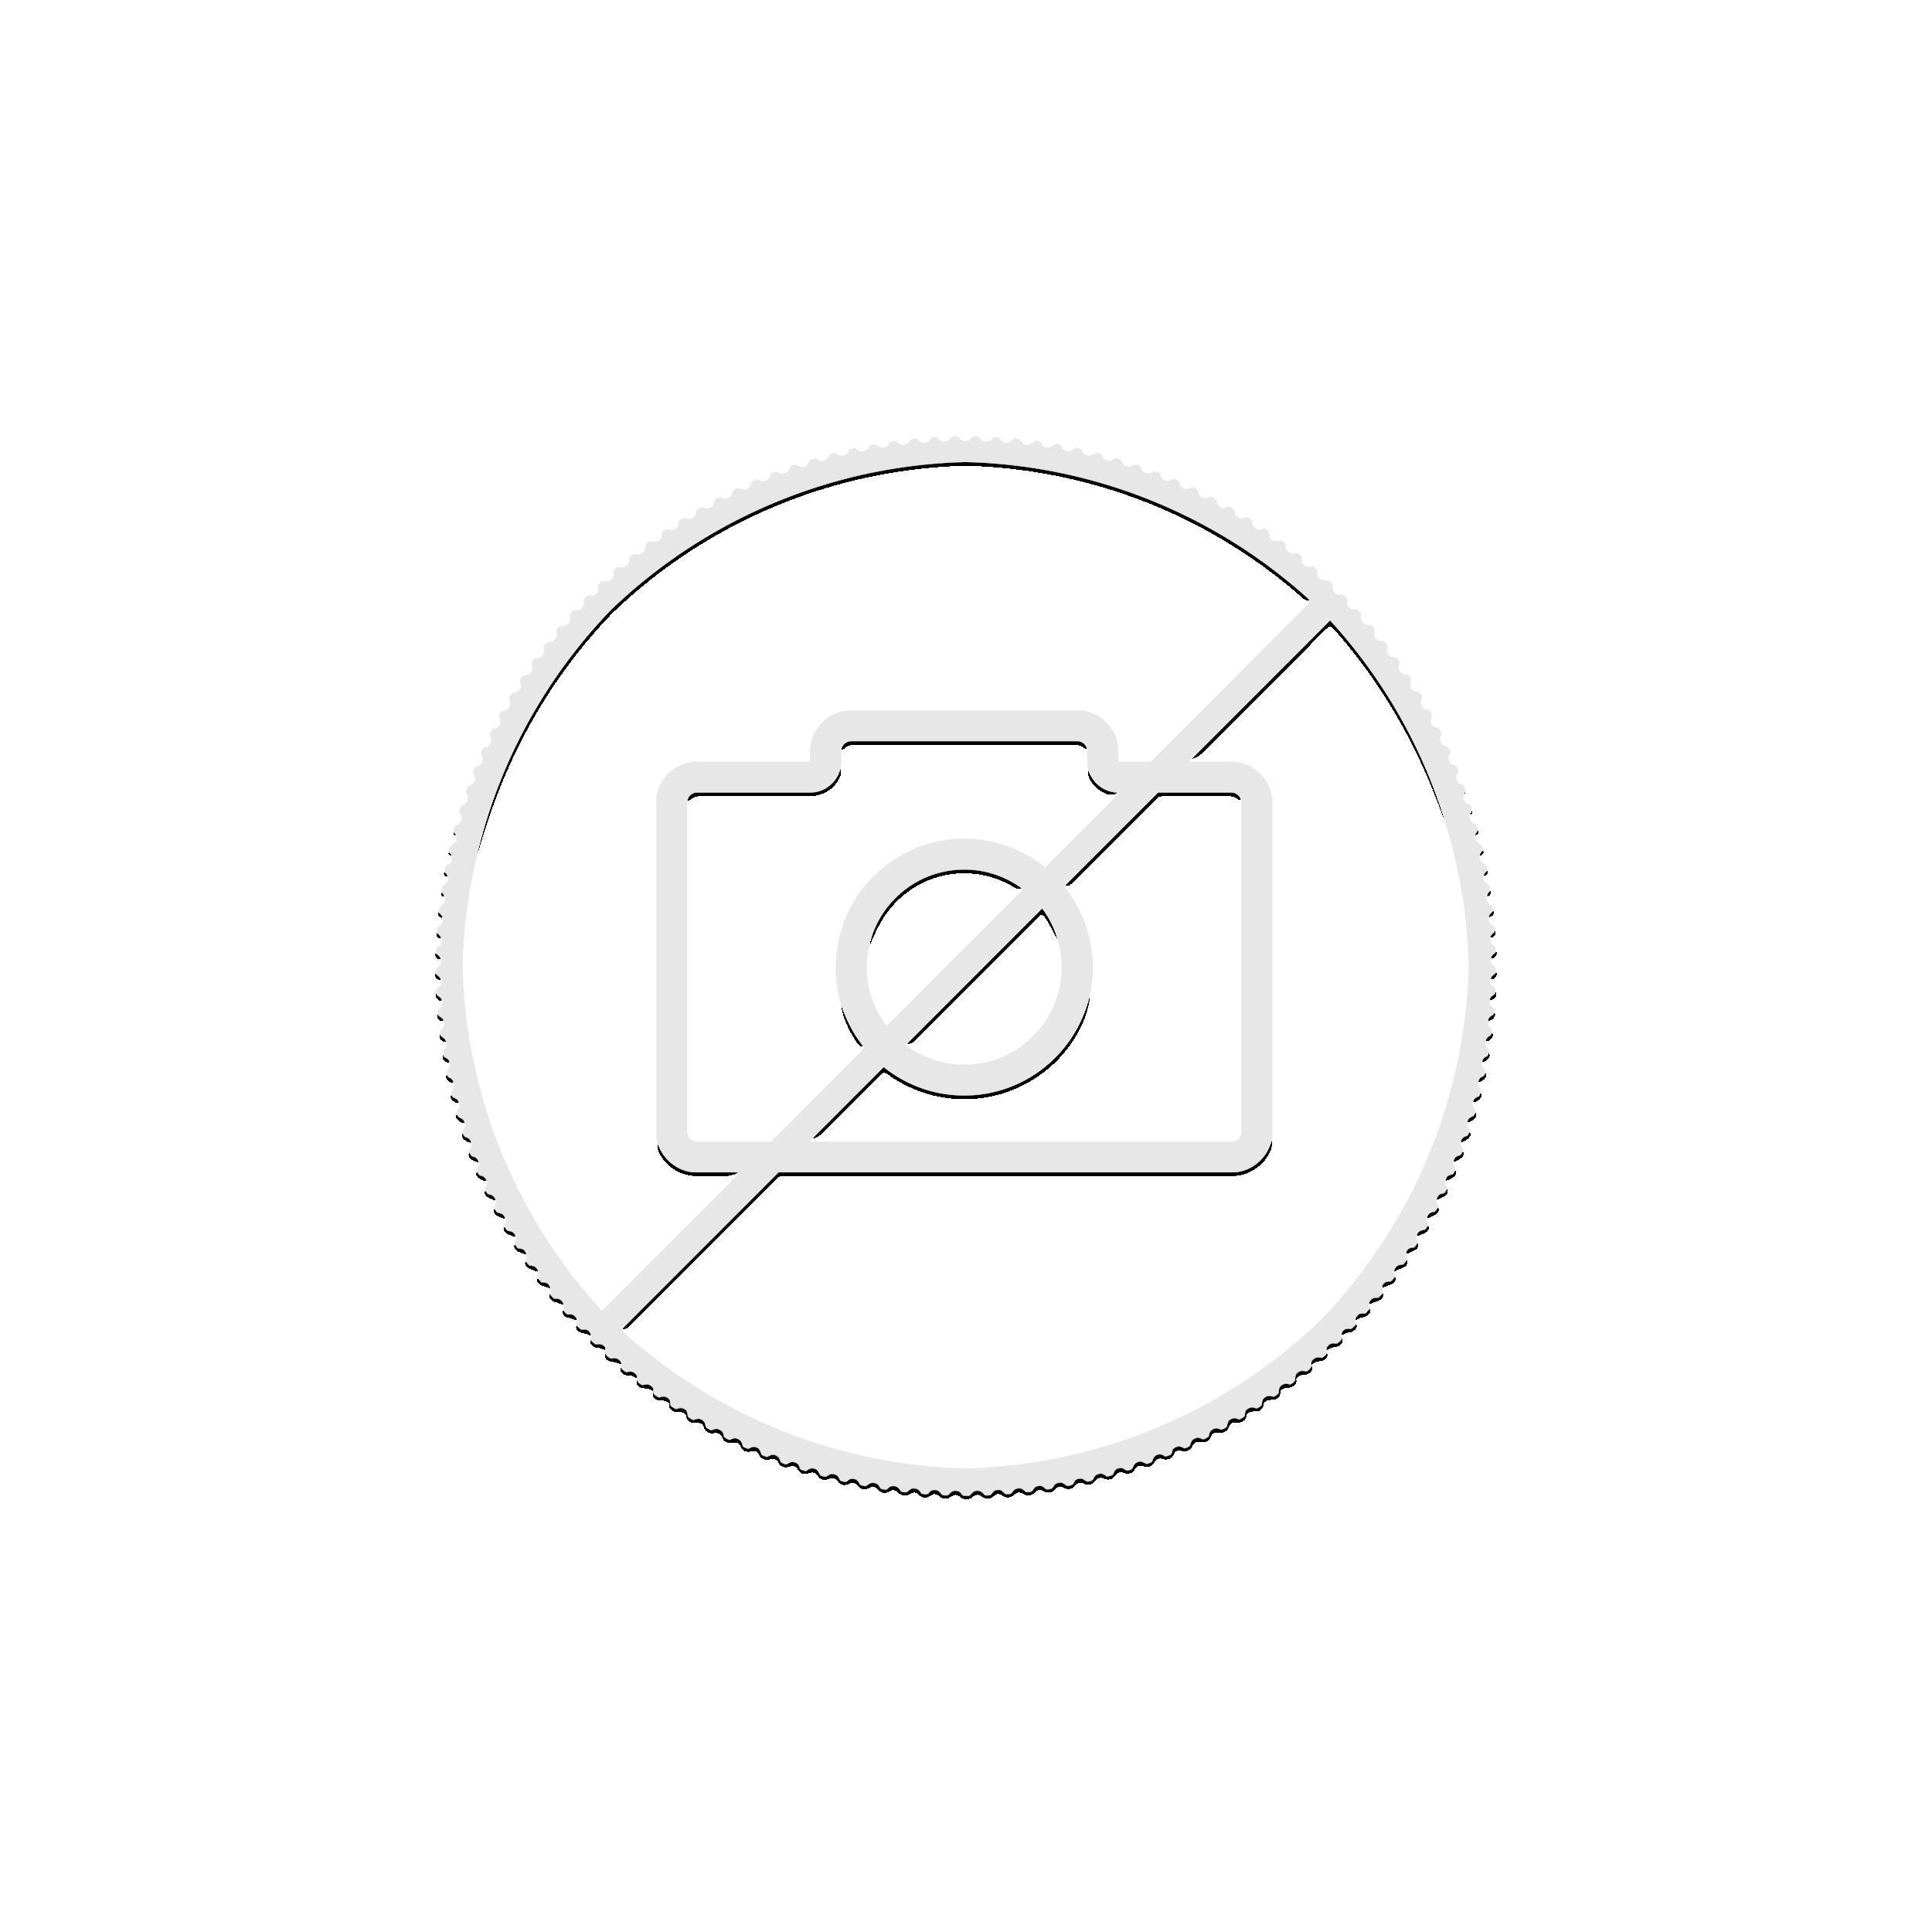 American Eagle silver